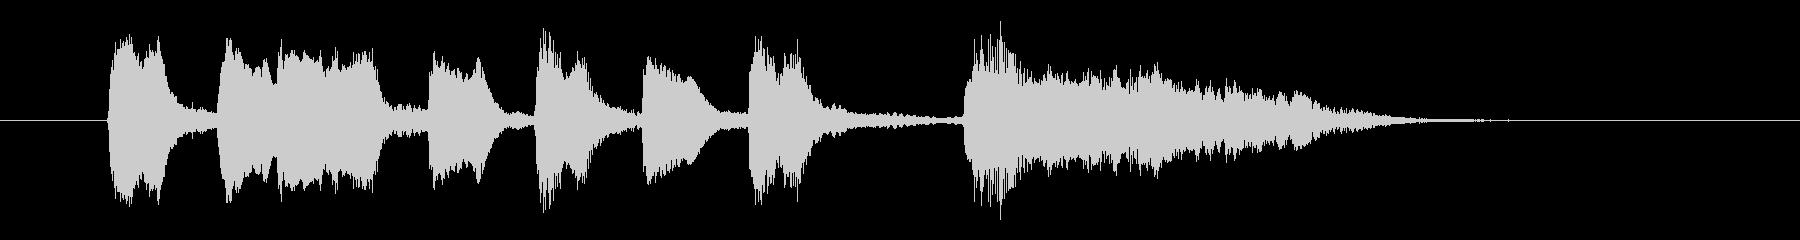 ジングル用BGM(ミス&コミカルな失敗)の未再生の波形